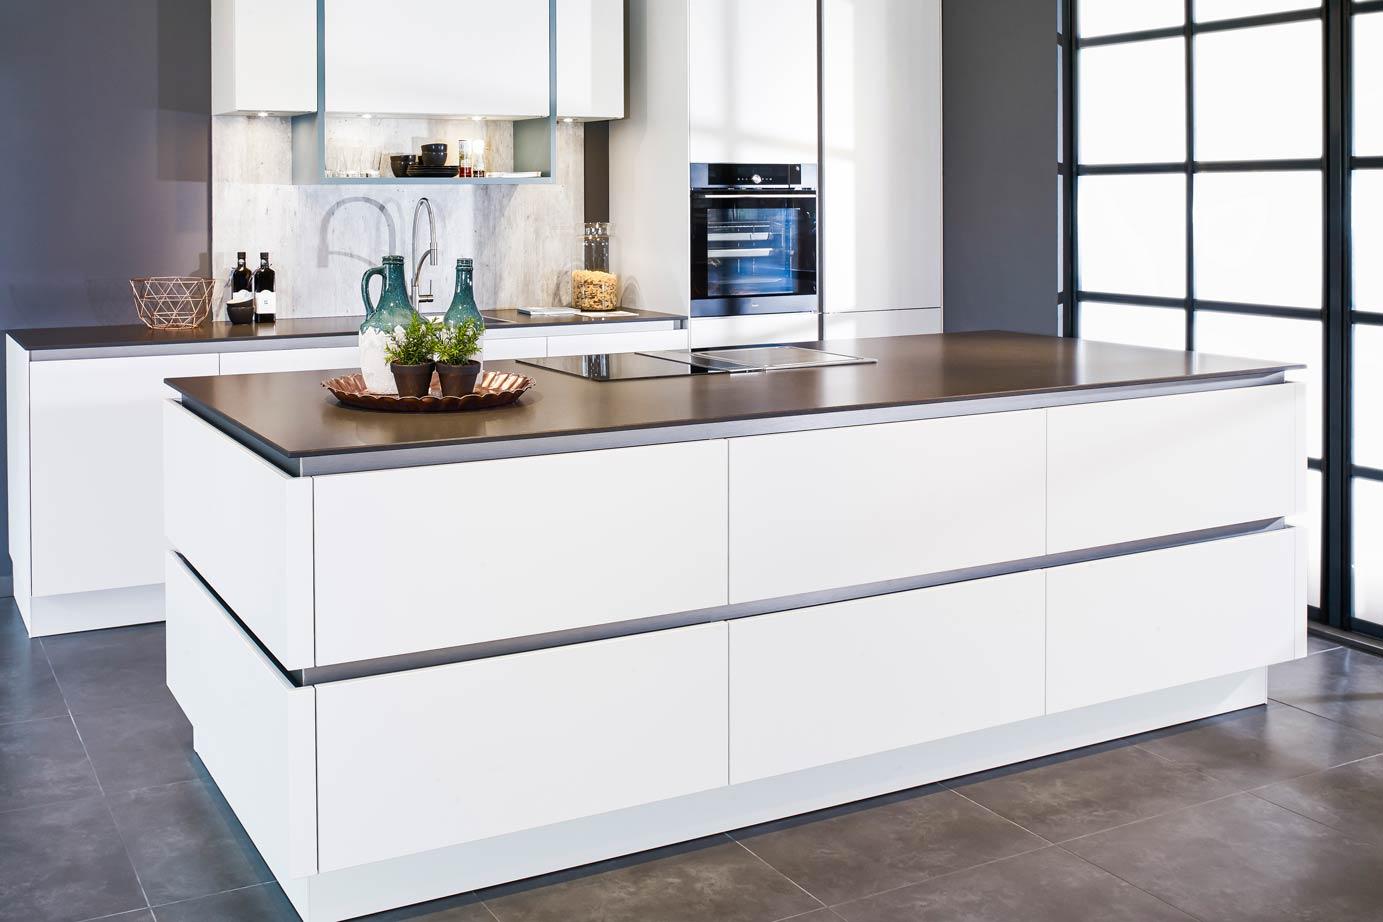 Hoogglans Witte Keuken Met Houten Blad : Witte keukens. diverse keukenstijlen. lage prijzen. db keukens